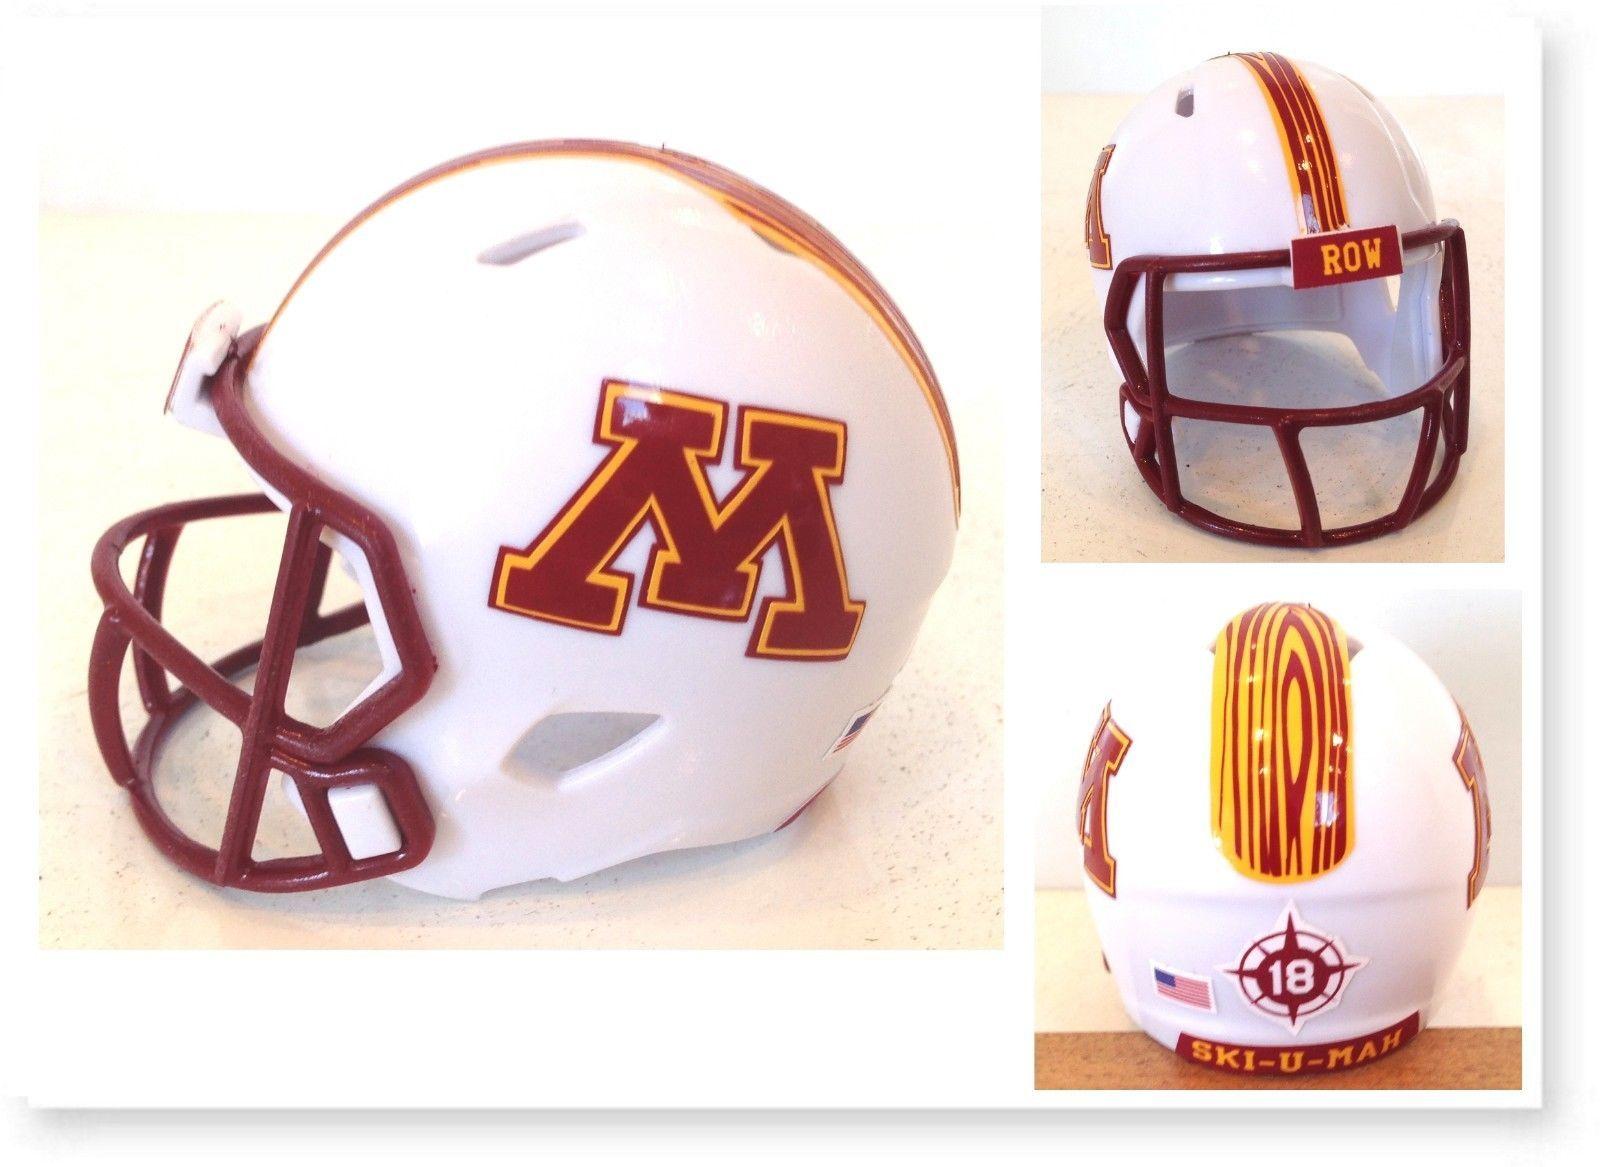 Minnesota Golden Gophers Authentic College Xp Football Helmet Schutt Matte Football Helmets Minnesota Gophers Minnesota Golden Gophers